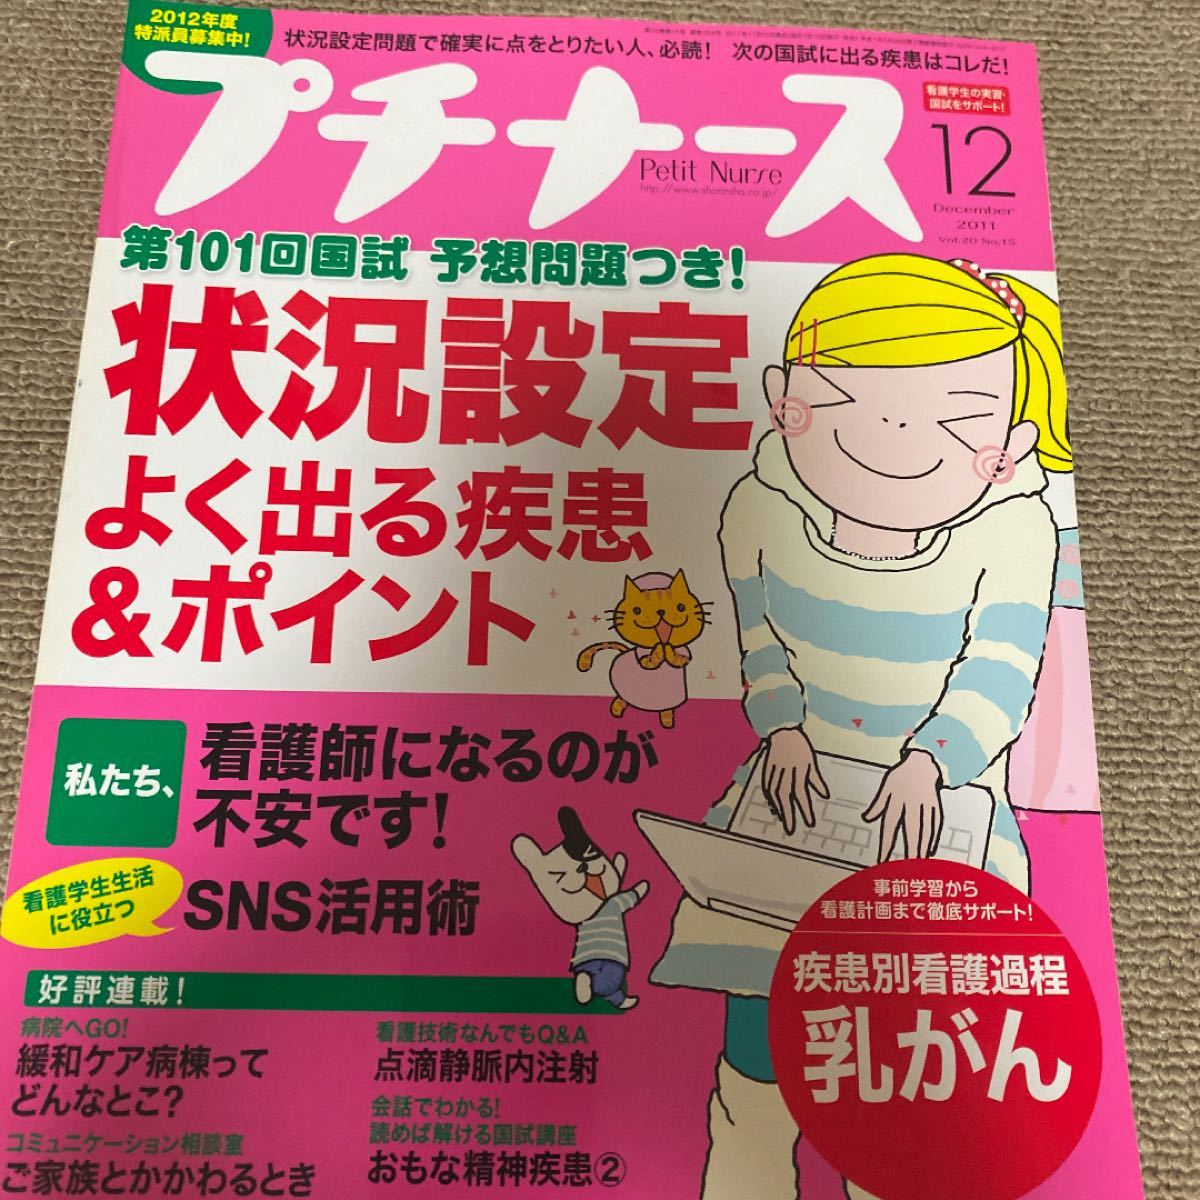 プチナース 2011 December Vol.20 No.15